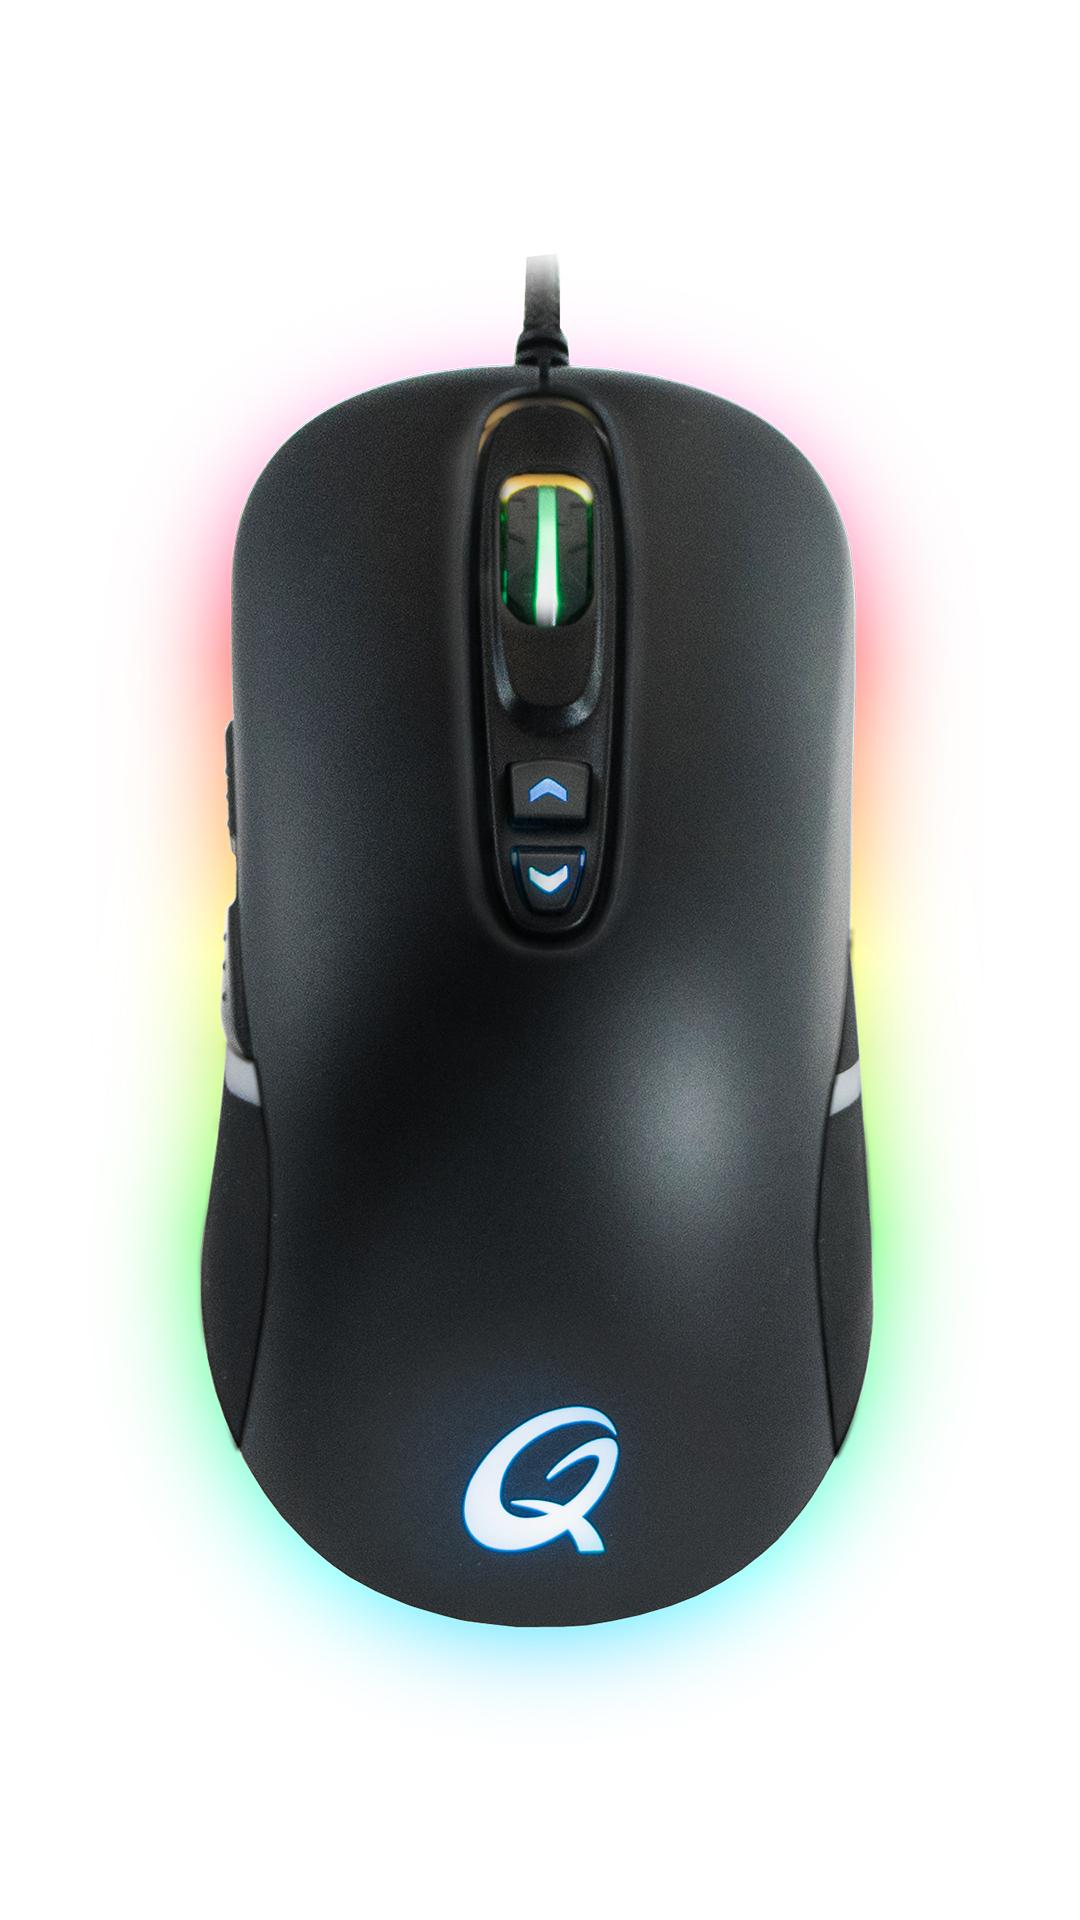 QPAD DX 30 FPS Gamingmus